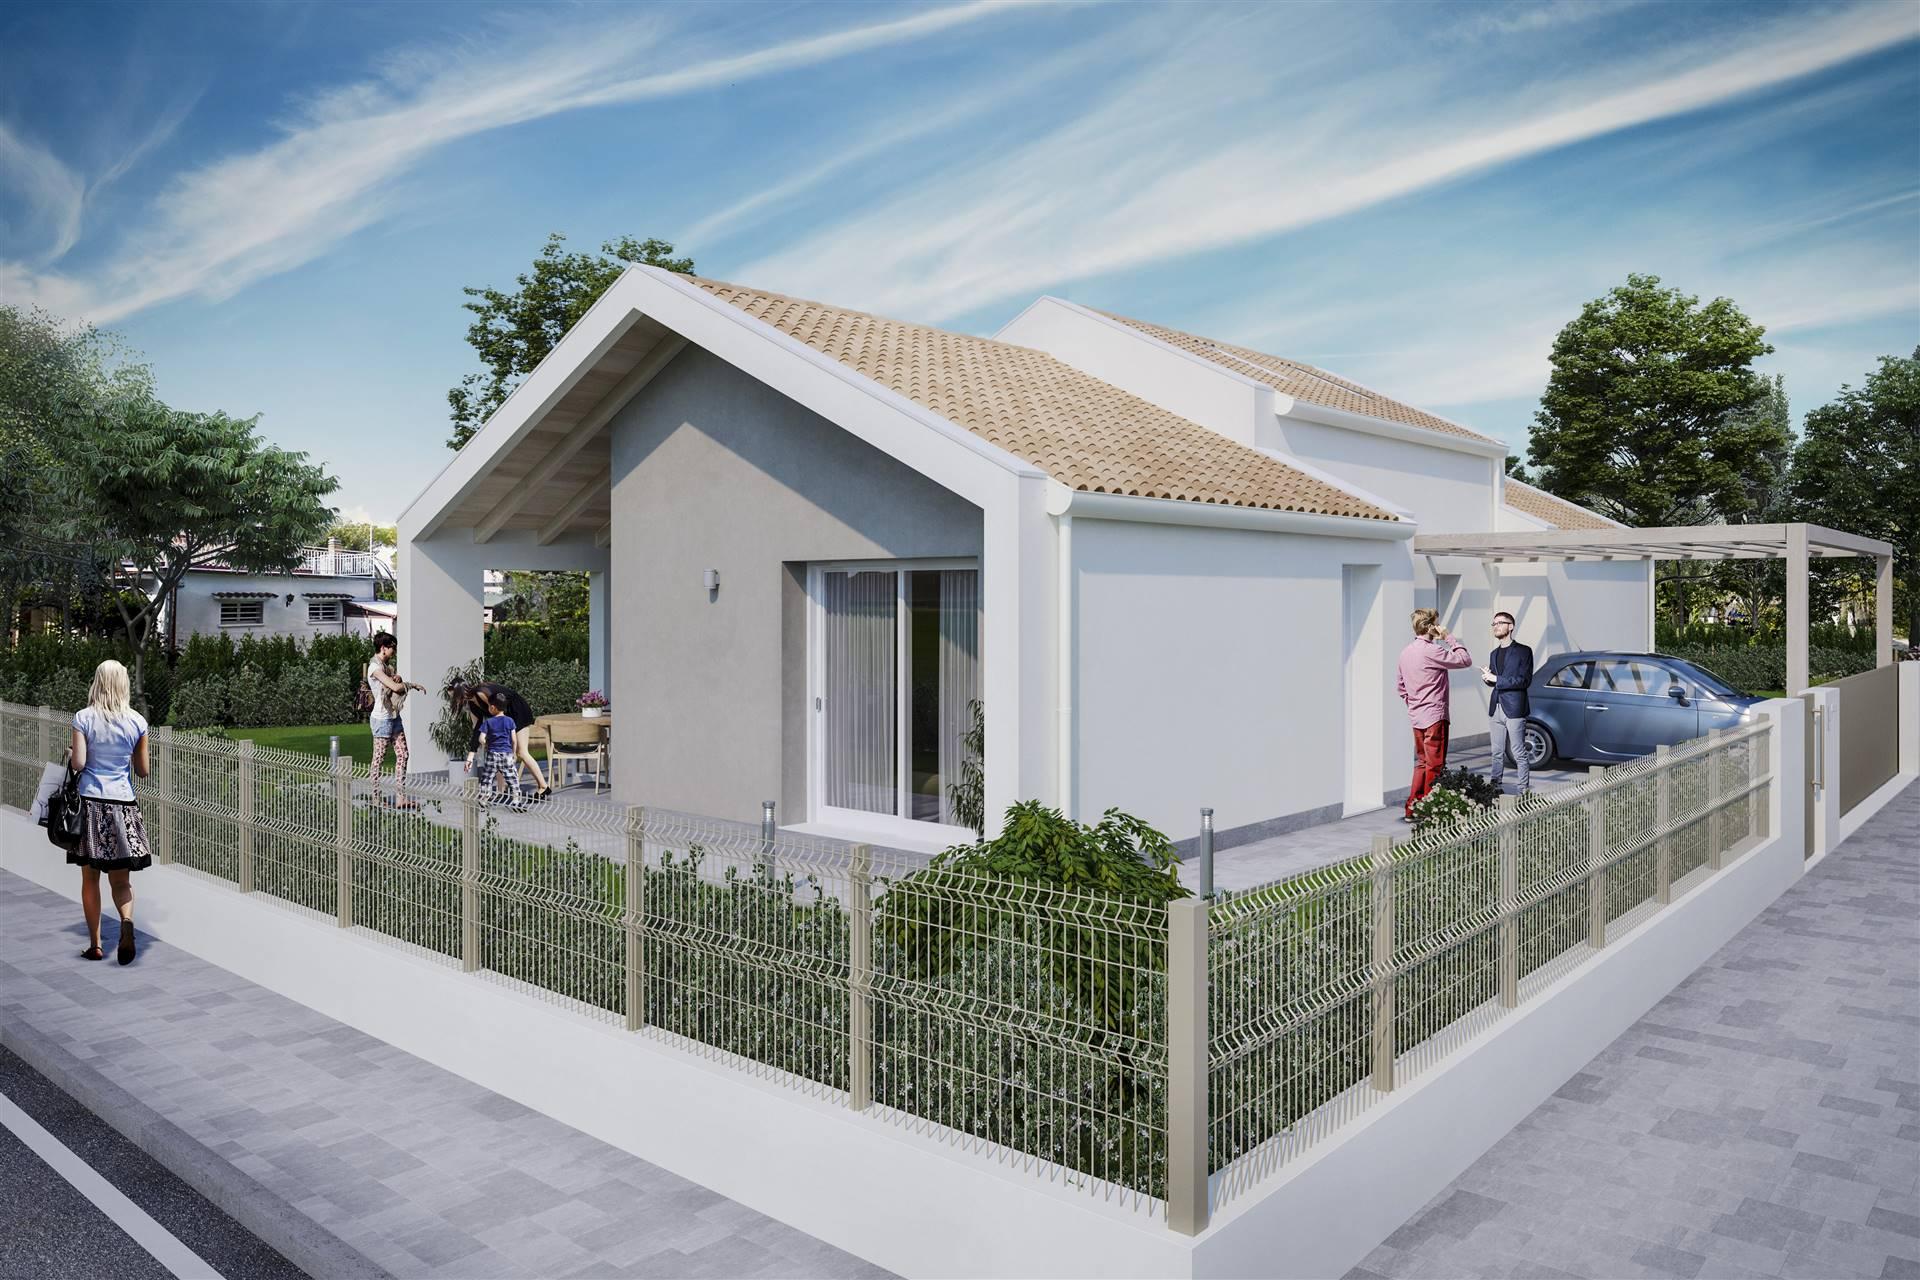 Nel quartiere di GAZZERA, a pochissi passi dal centro di Mestre, villino di prossima costruzione tutto su piano unico, composto da soggiorno con